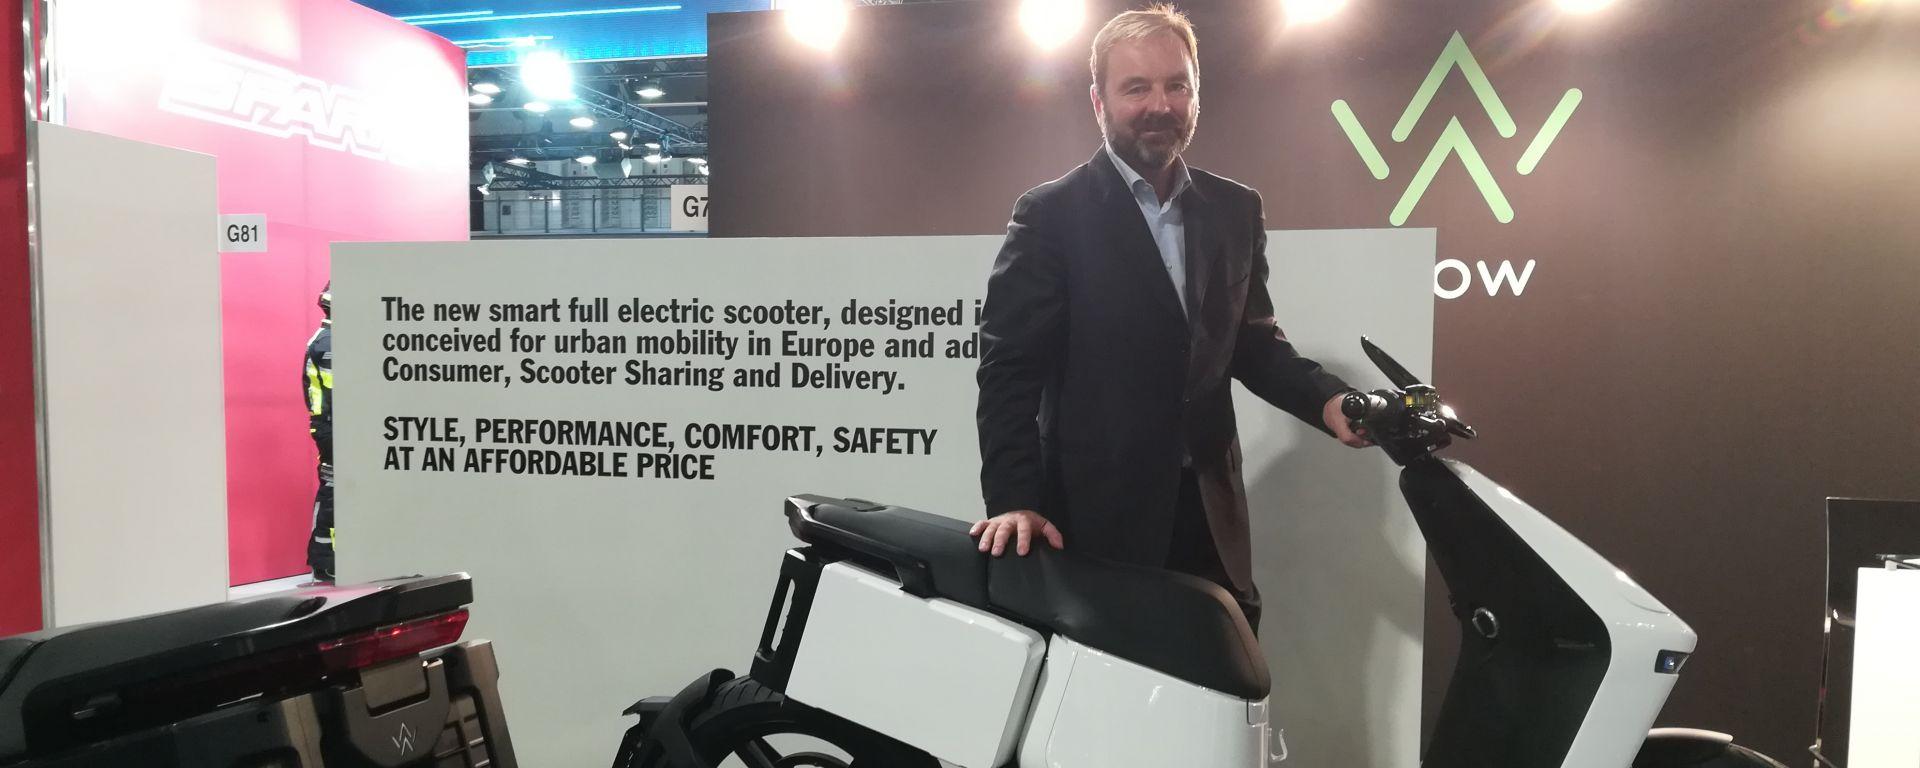 Elettrico Made in Italy, le novità WOW a EICMA 2019